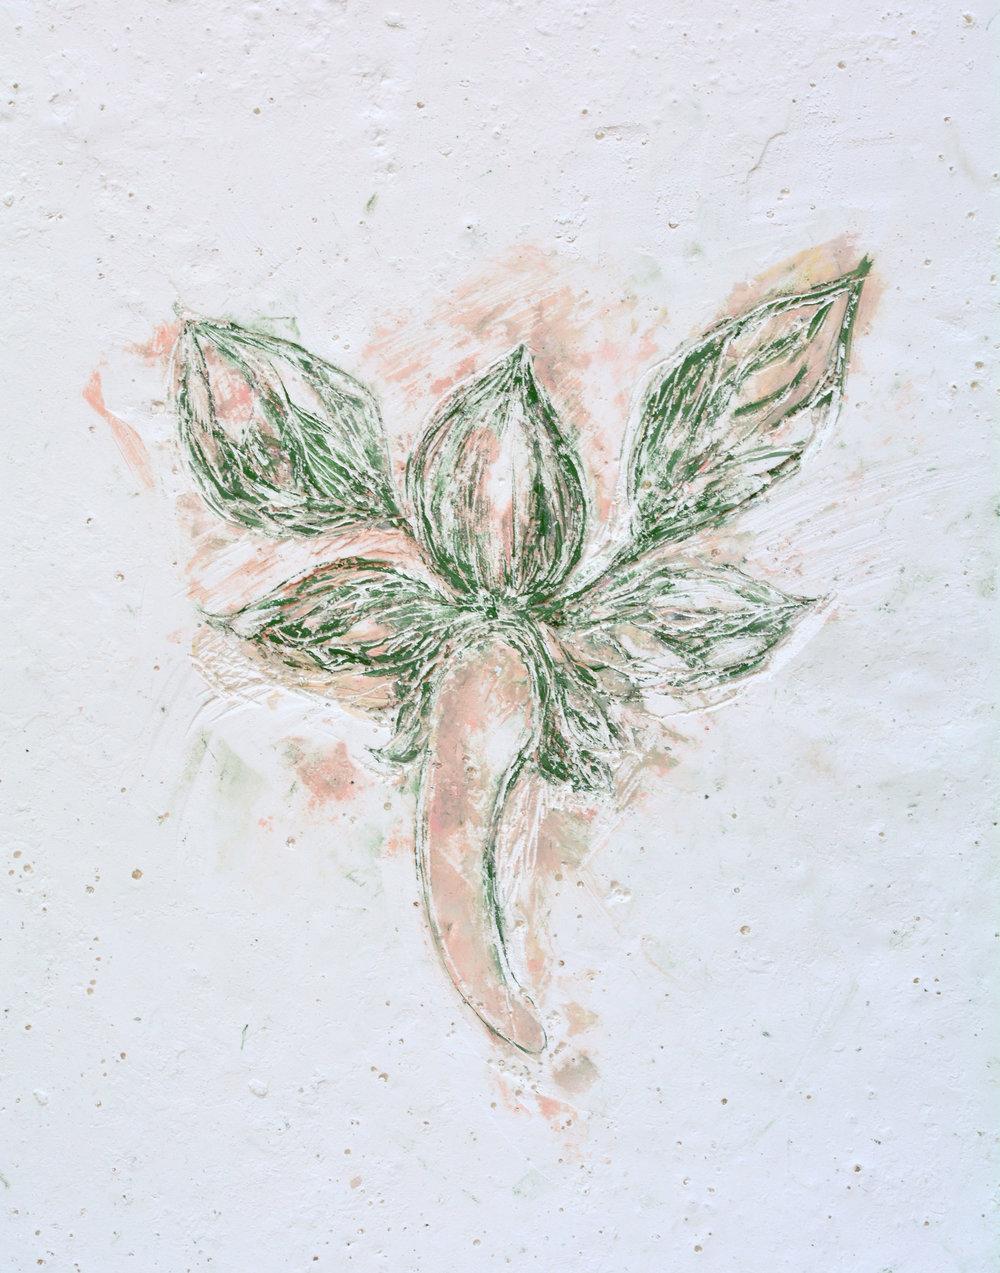 Solanne_Bernard-Shy_Blooms2-1-2-low.jpg